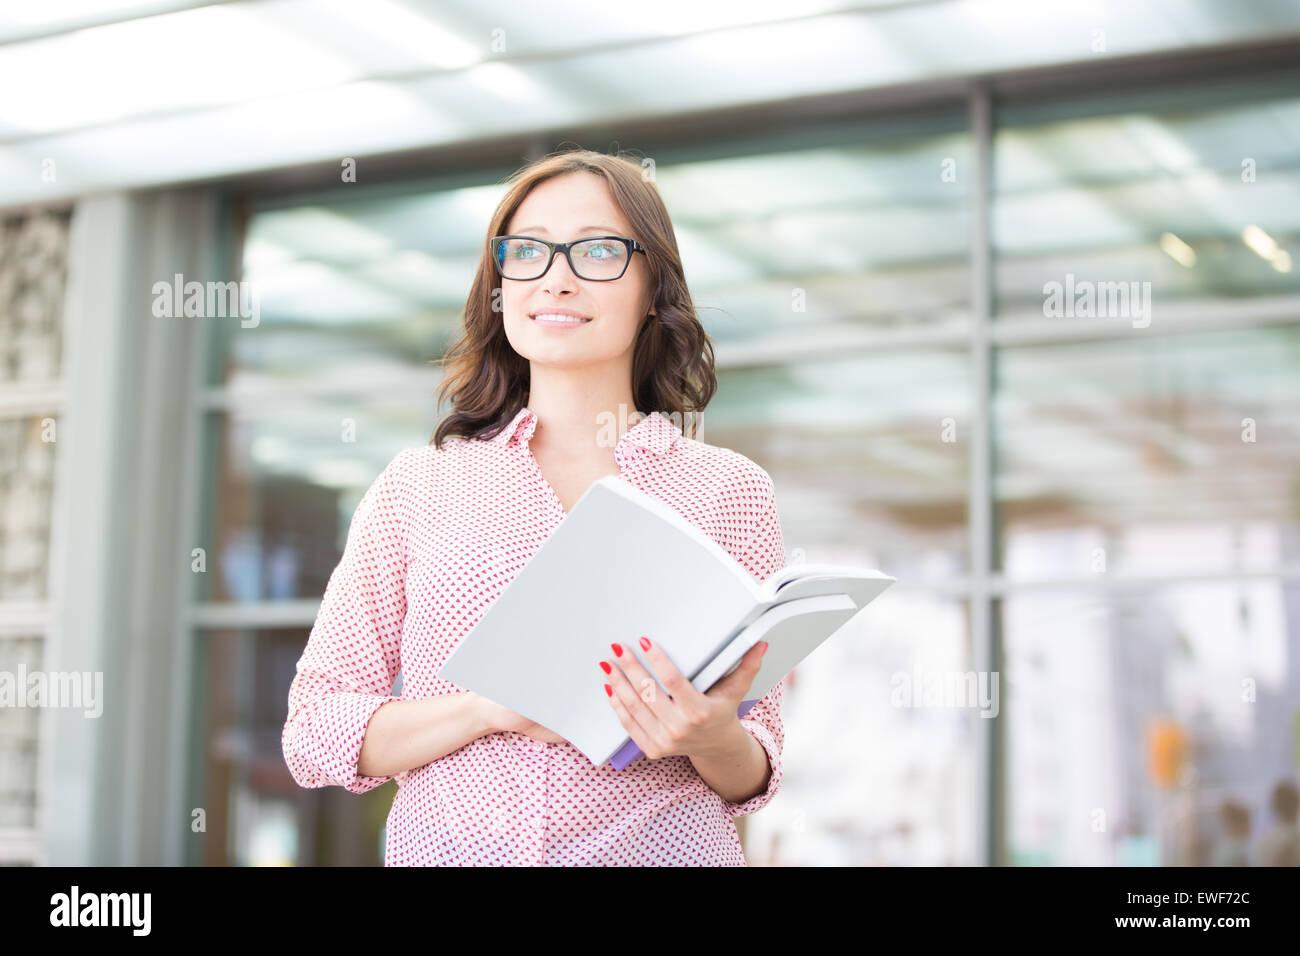 Mujer sonriente mirando a otro lado mientras se mantiene fuera de edificios Imagen De Stock